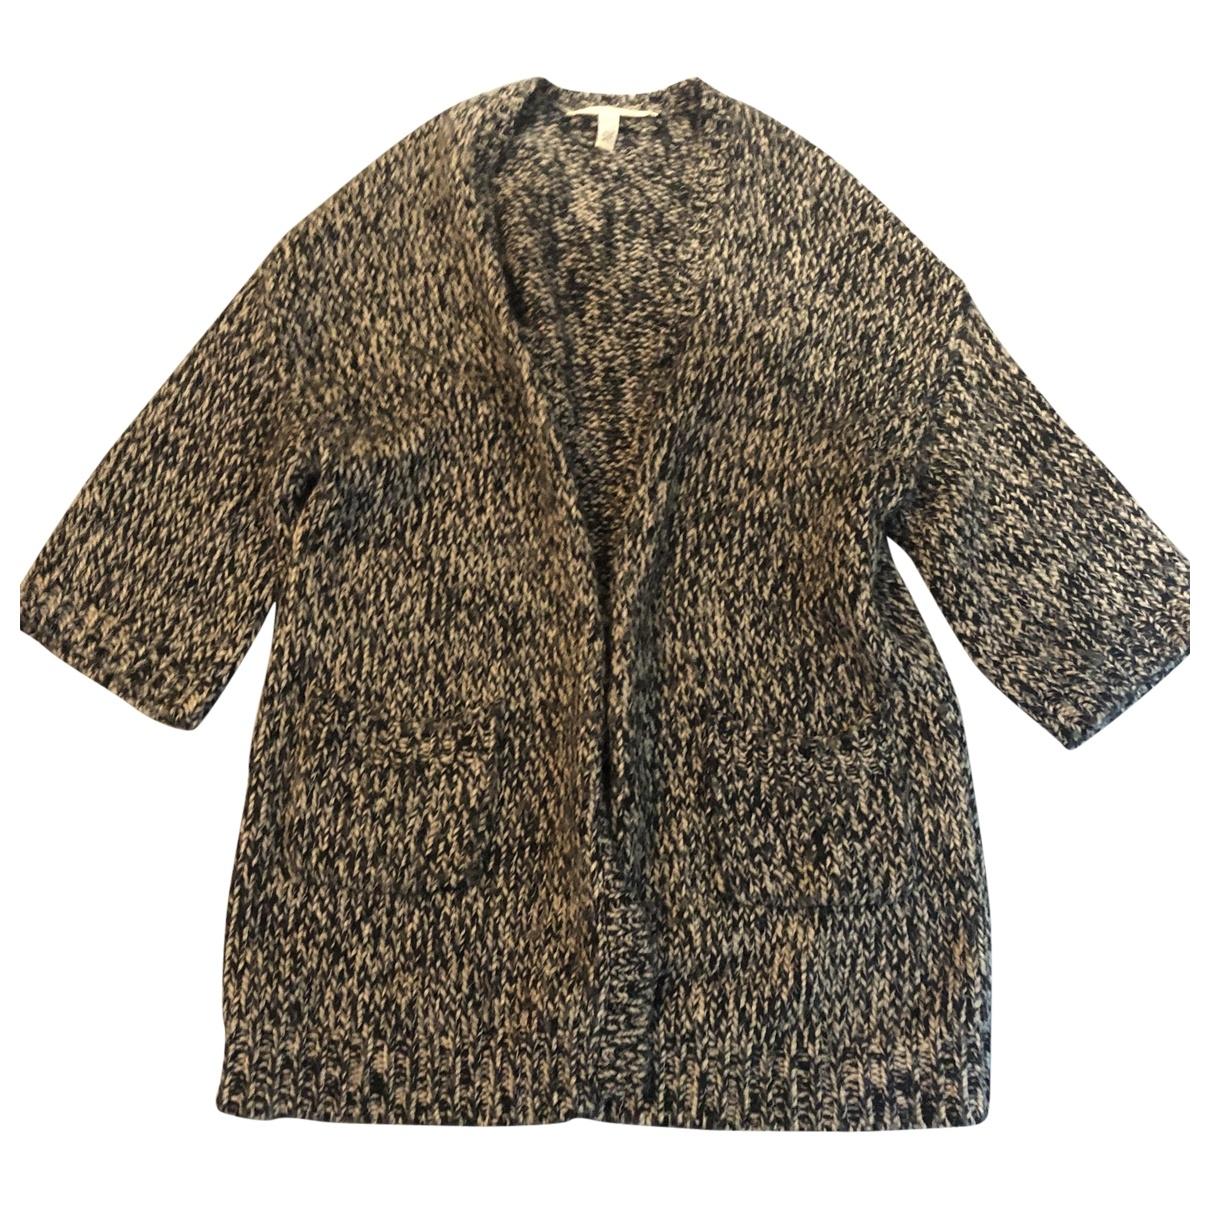 Diane Von Furstenberg - Pull   pour femme en laine - multicolore